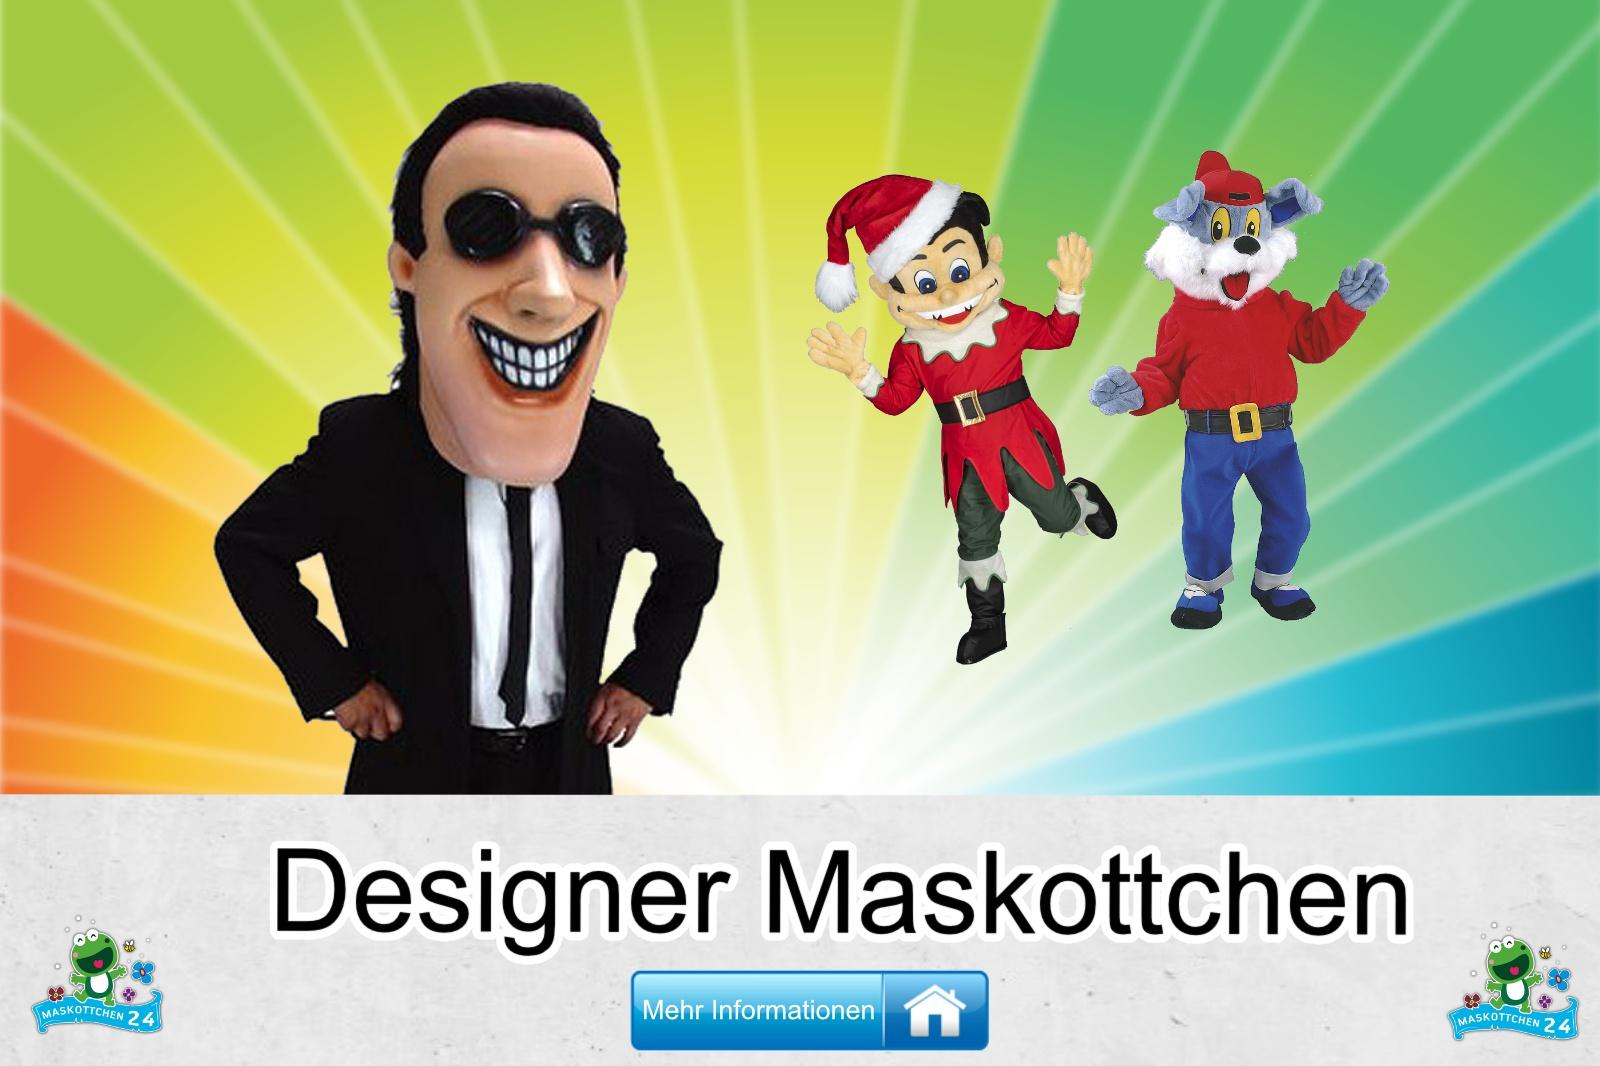 Designer Maskottchen Kostüm kaufen